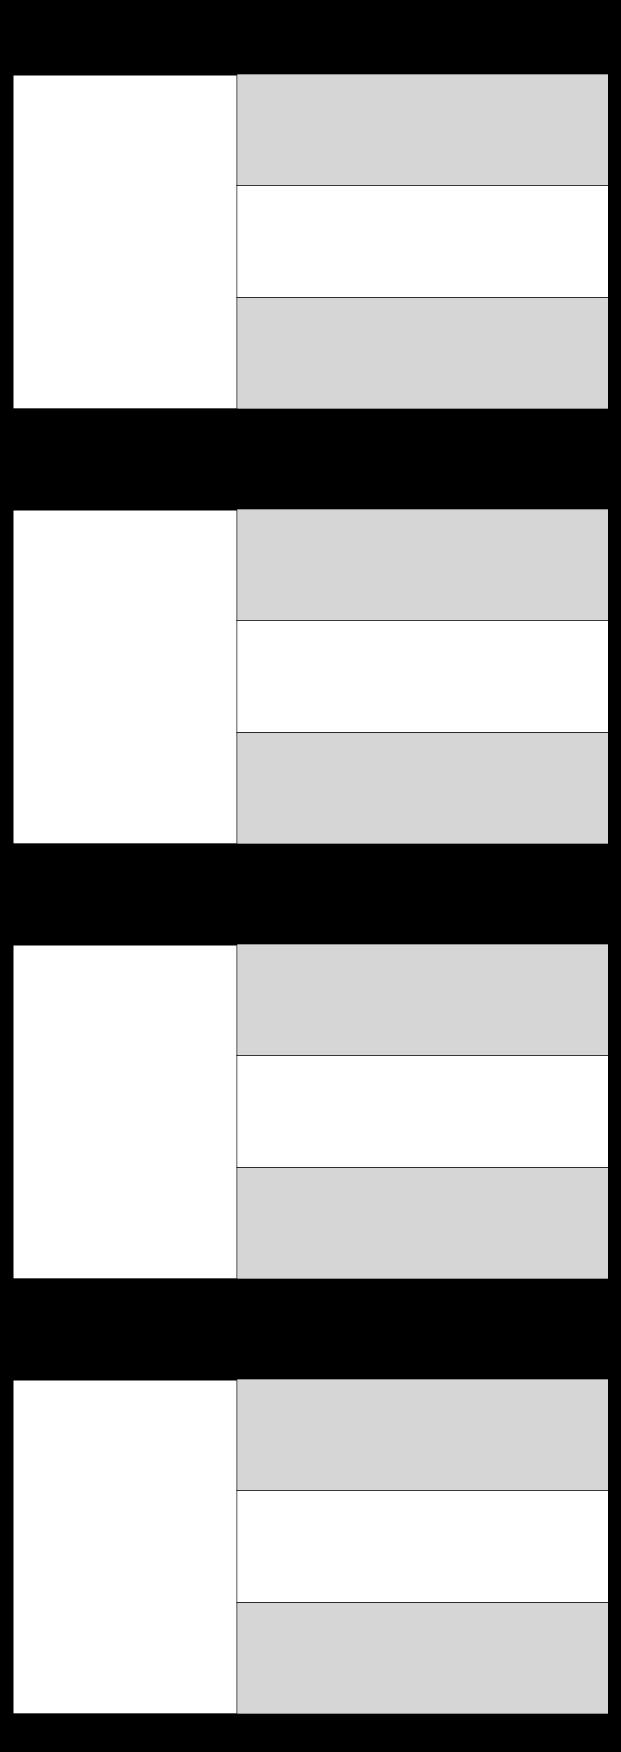 Zeichentabelle 3 Field 16x9